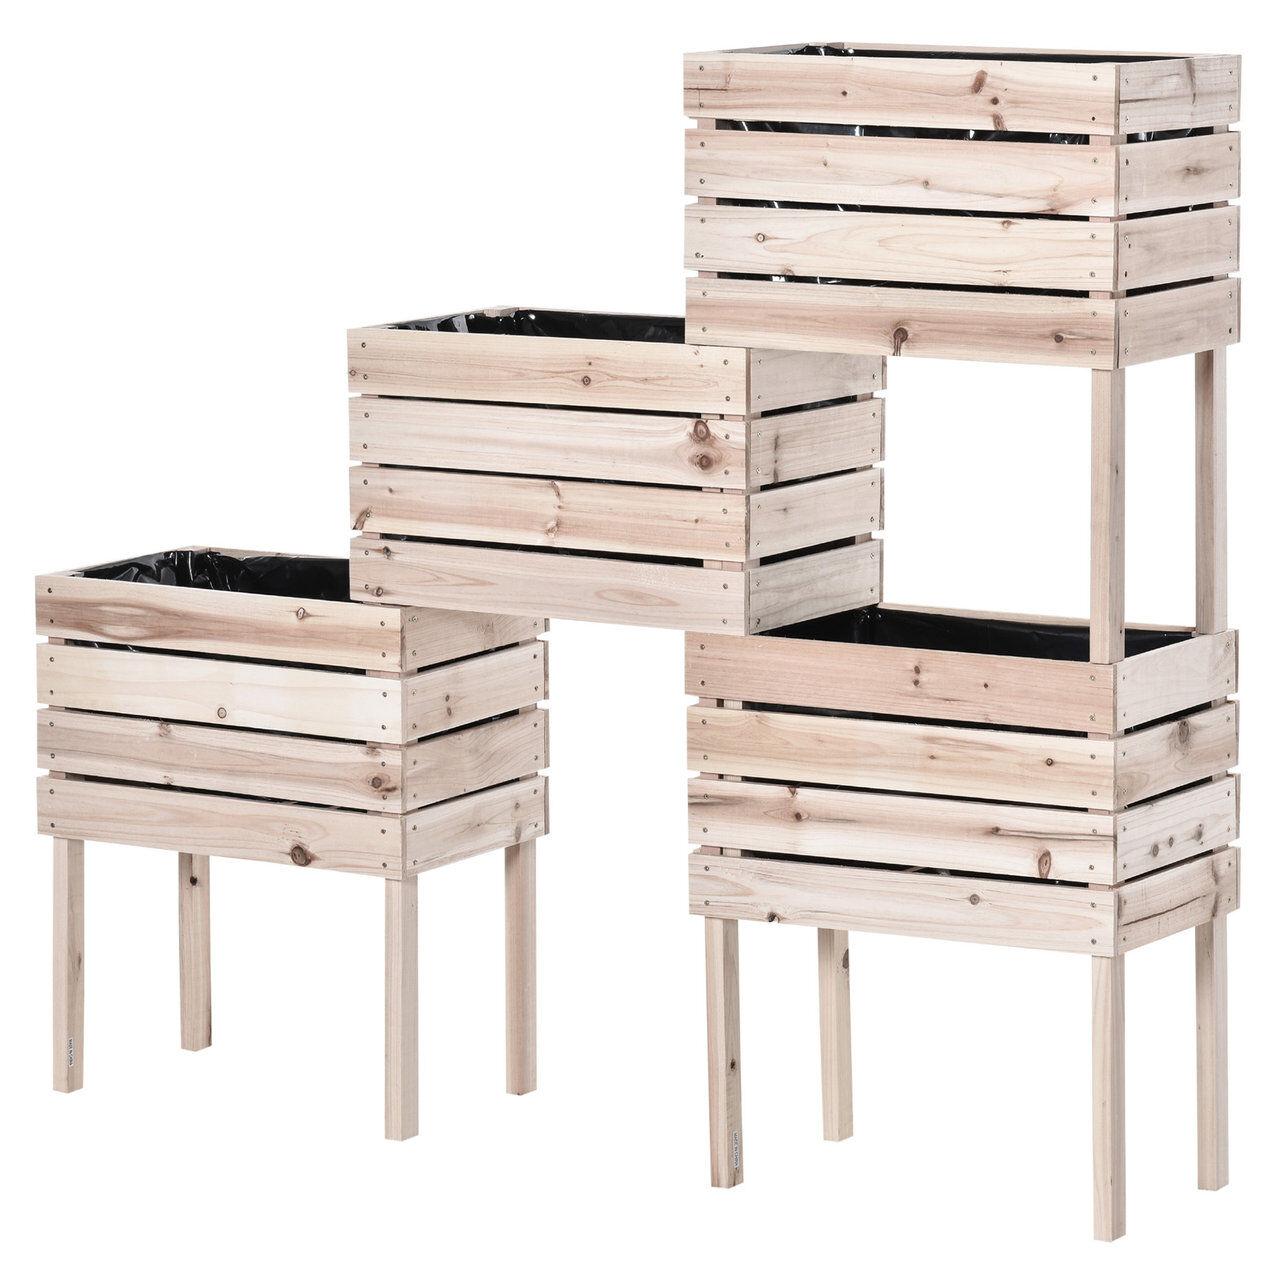 arredo outdoor letto per orto rialzato con 4 vasi portapiante, fioriera da esterno in legno colore naturale